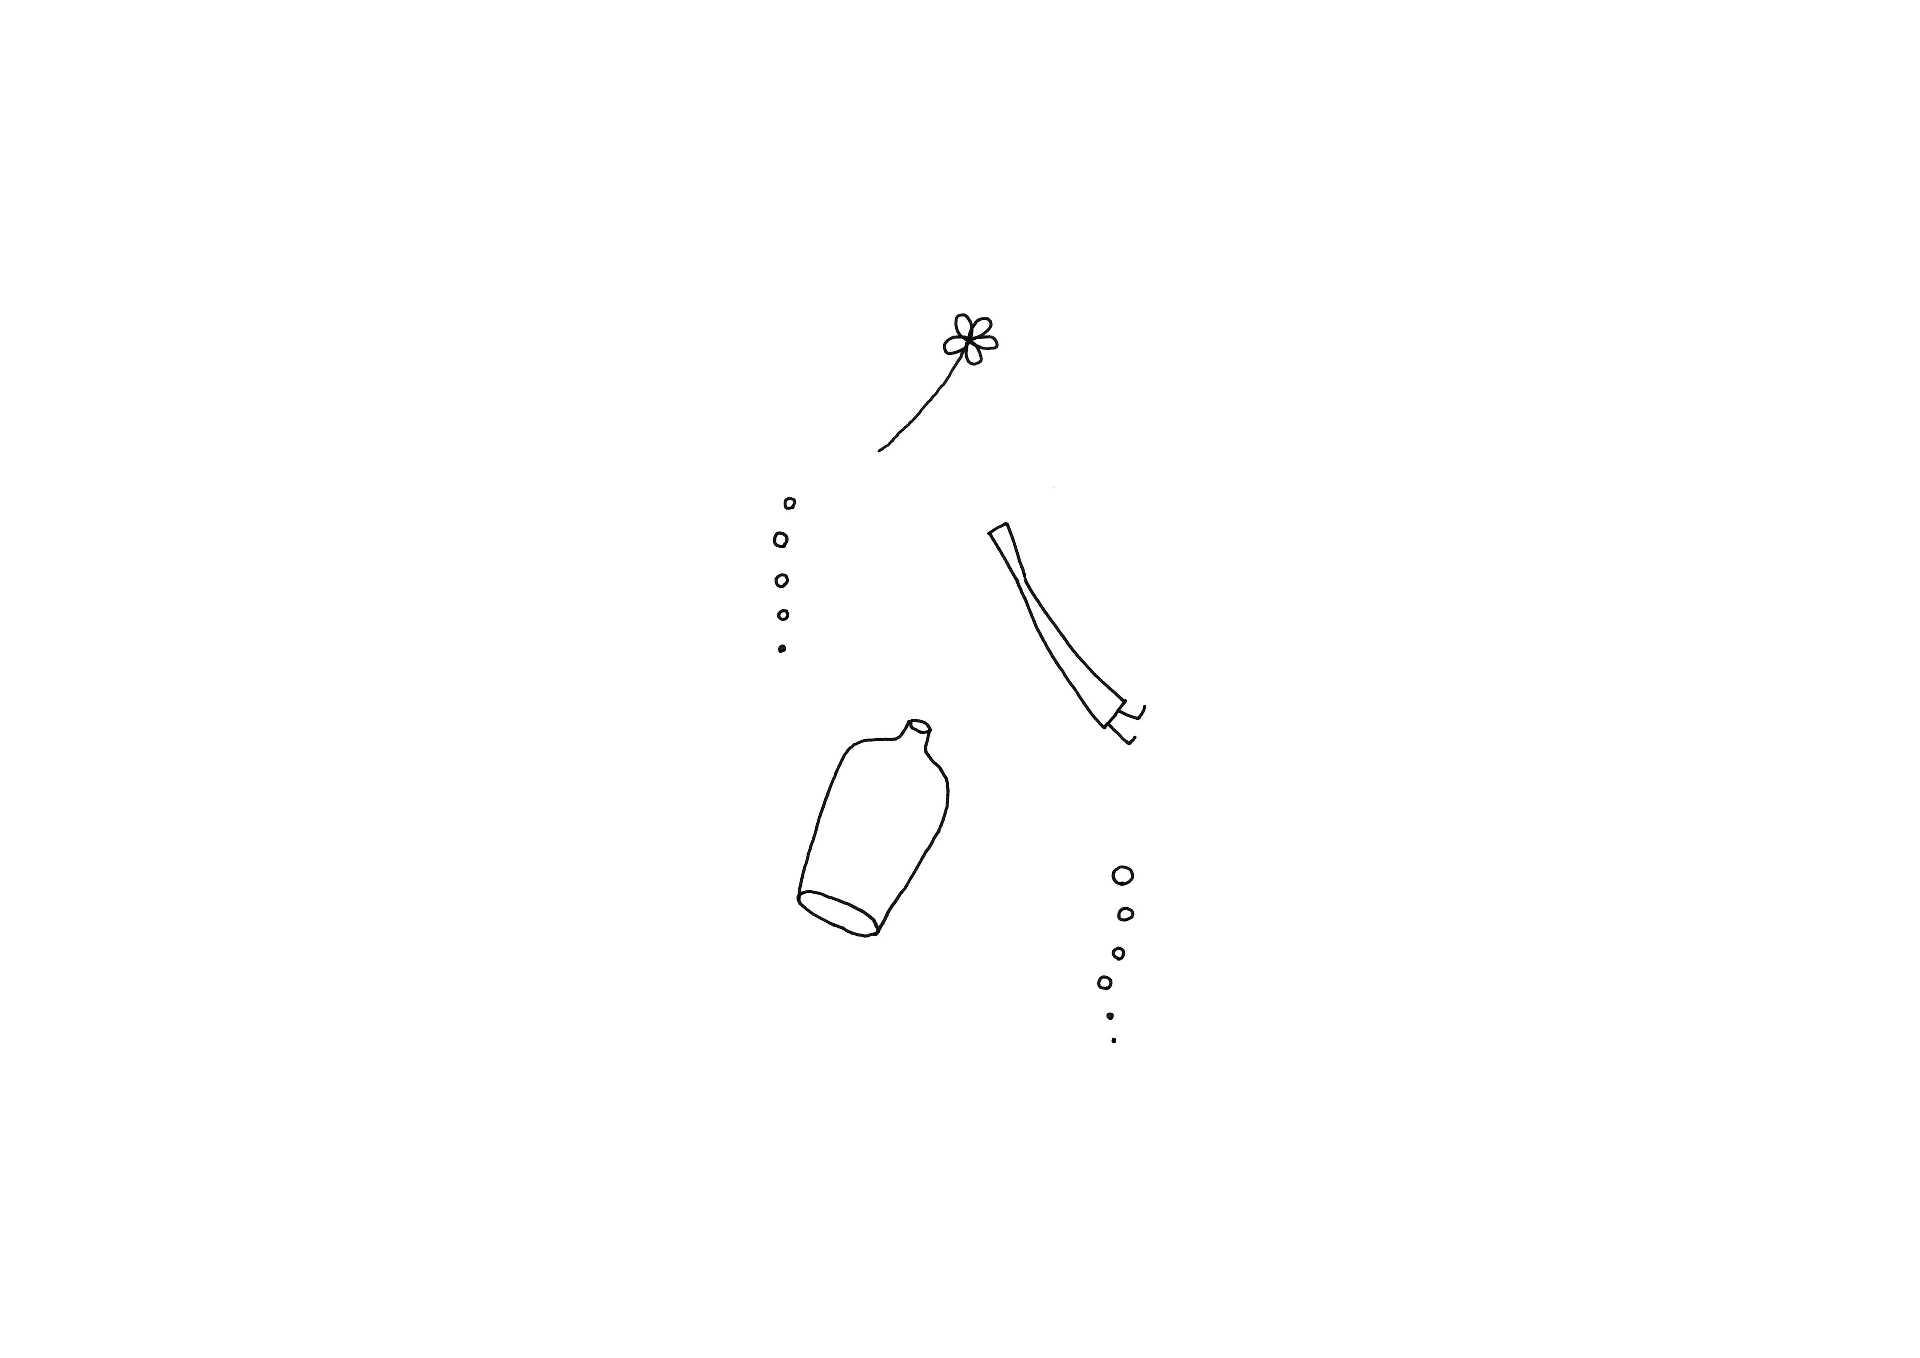 Nendo: Jellyfish Vase  - jellyfish vase sketch 31